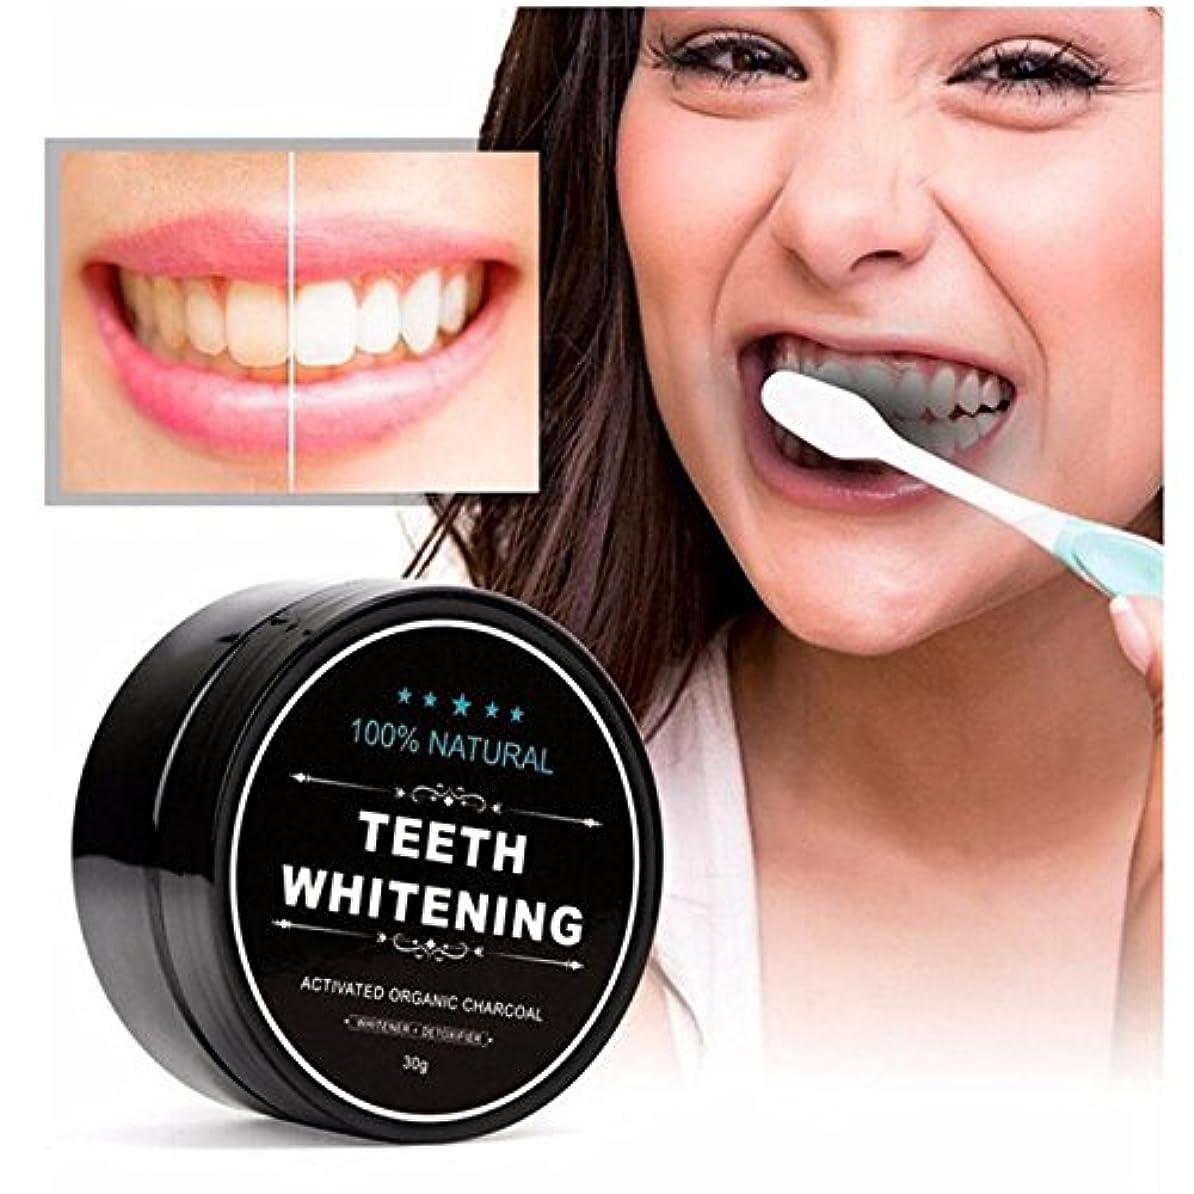 ワーカーボイラー彫刻Oral Dentistryチャコールホワイトニング 歯磨き粉 歯のホワイトニング 歯磨き剤 食べる活性炭 活性炭パウダー 竹炭 ブラック (1個)